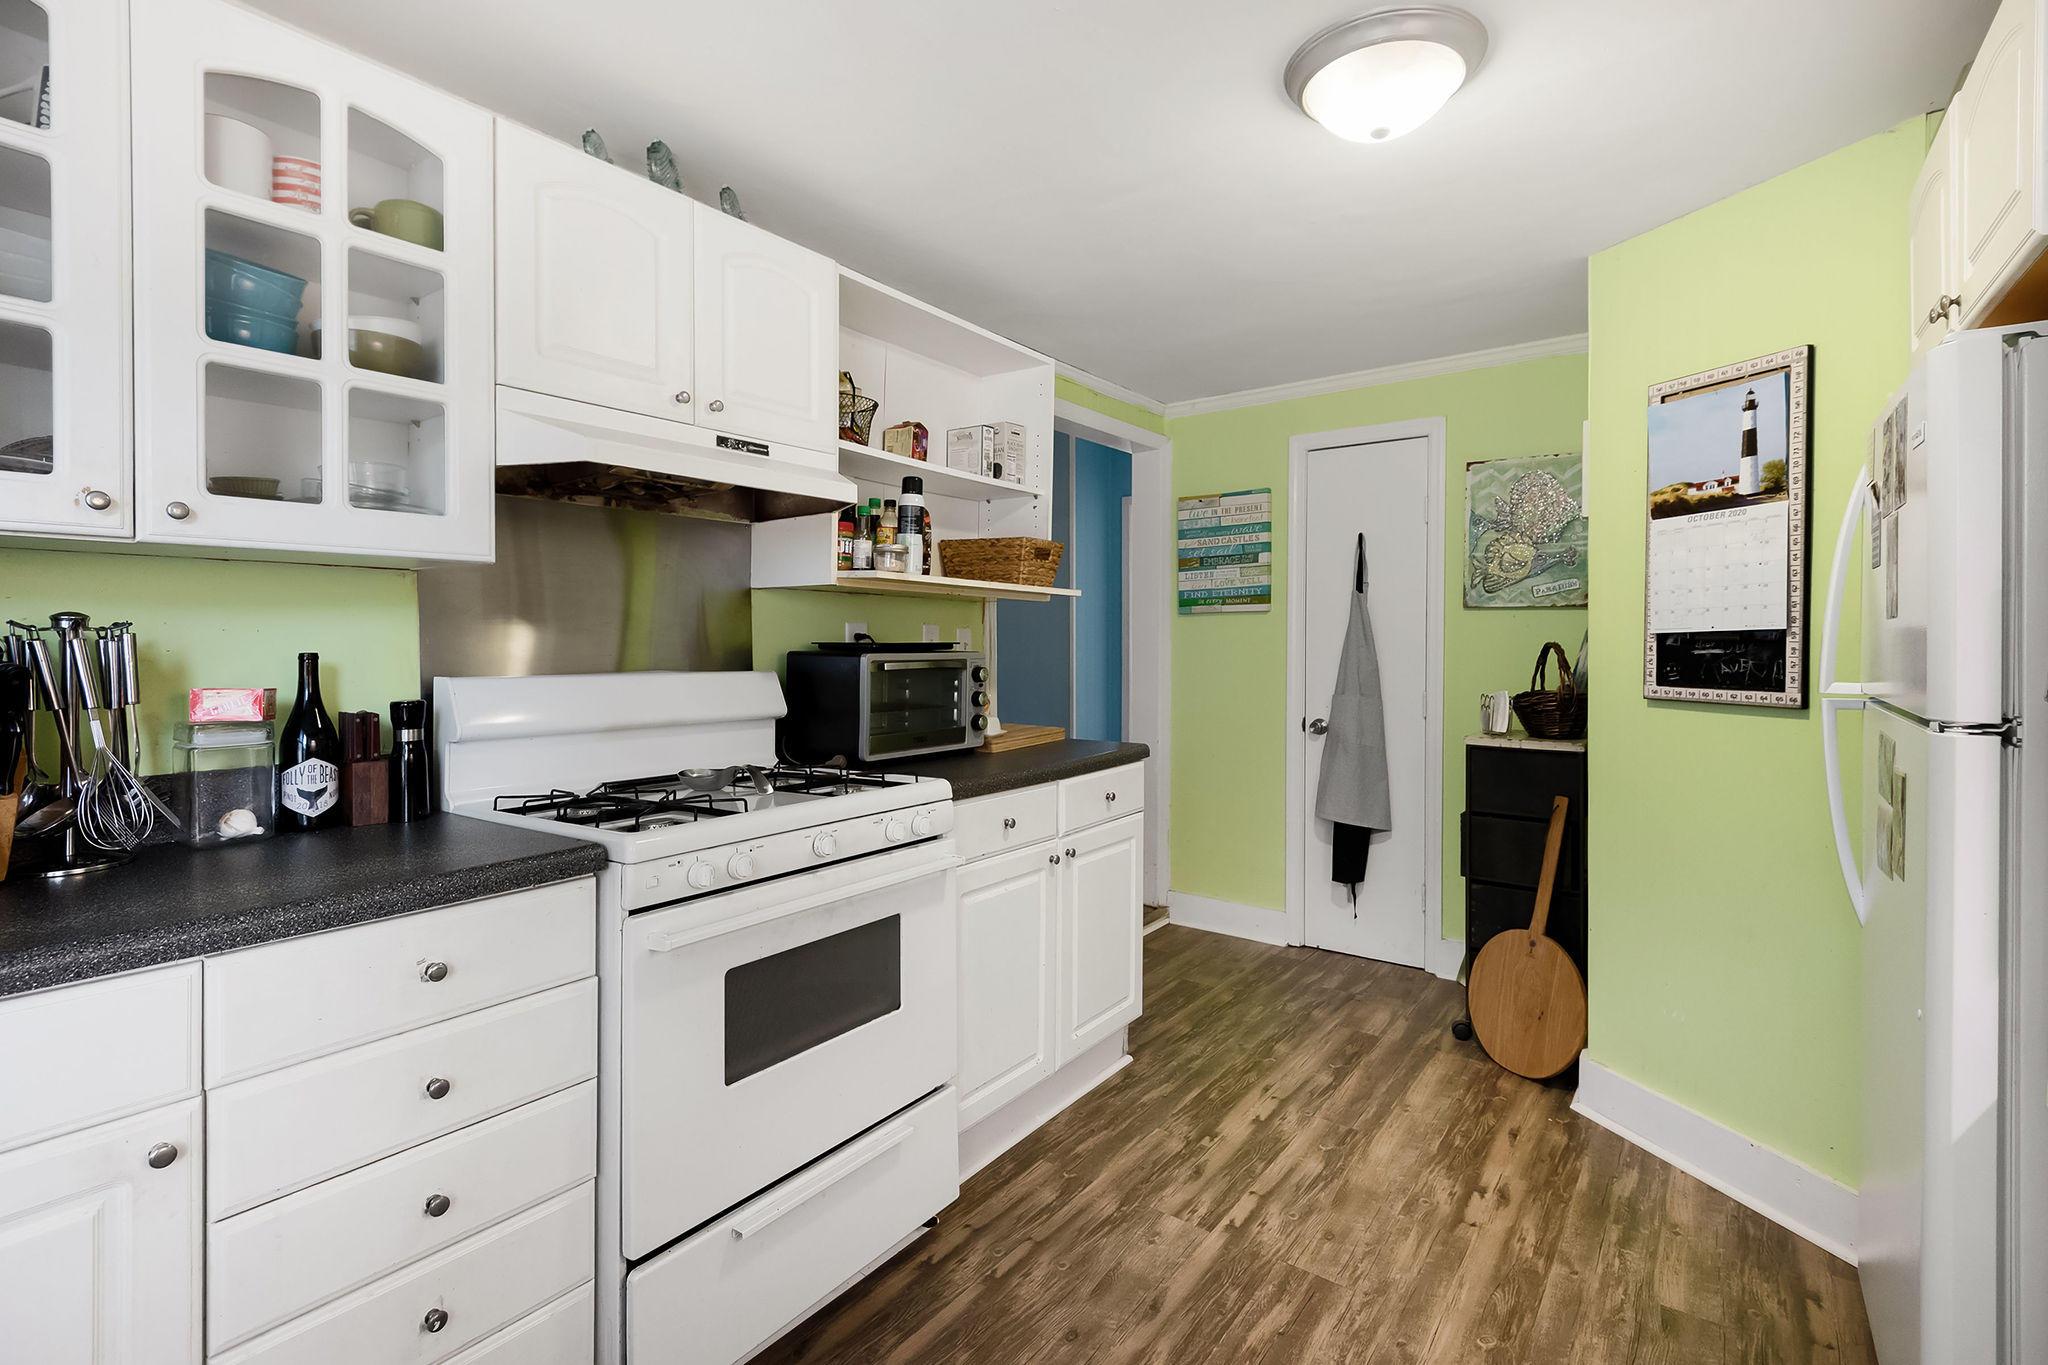 Folly Beach Homes For Sale - 504 Ashley, Folly Beach, SC - 12